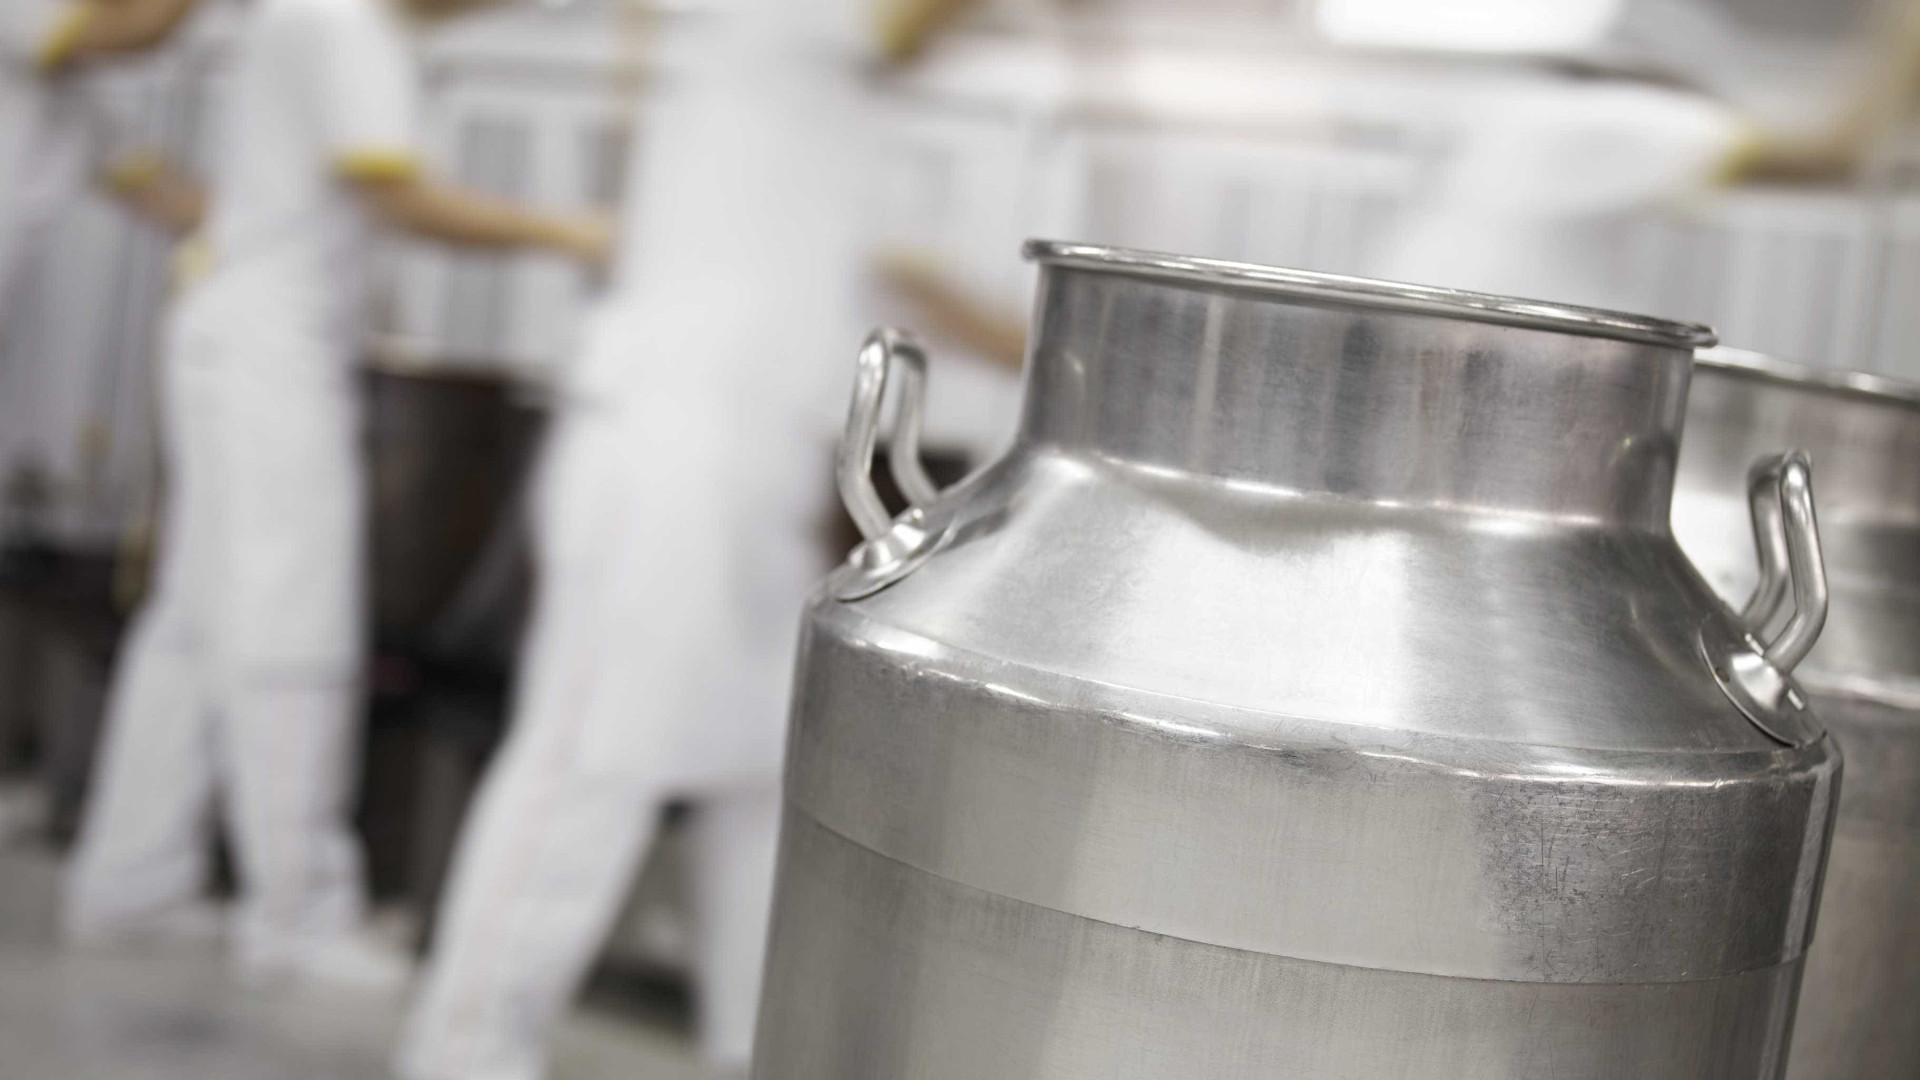 Agros está contra descida do preço do leite pago ao produtor